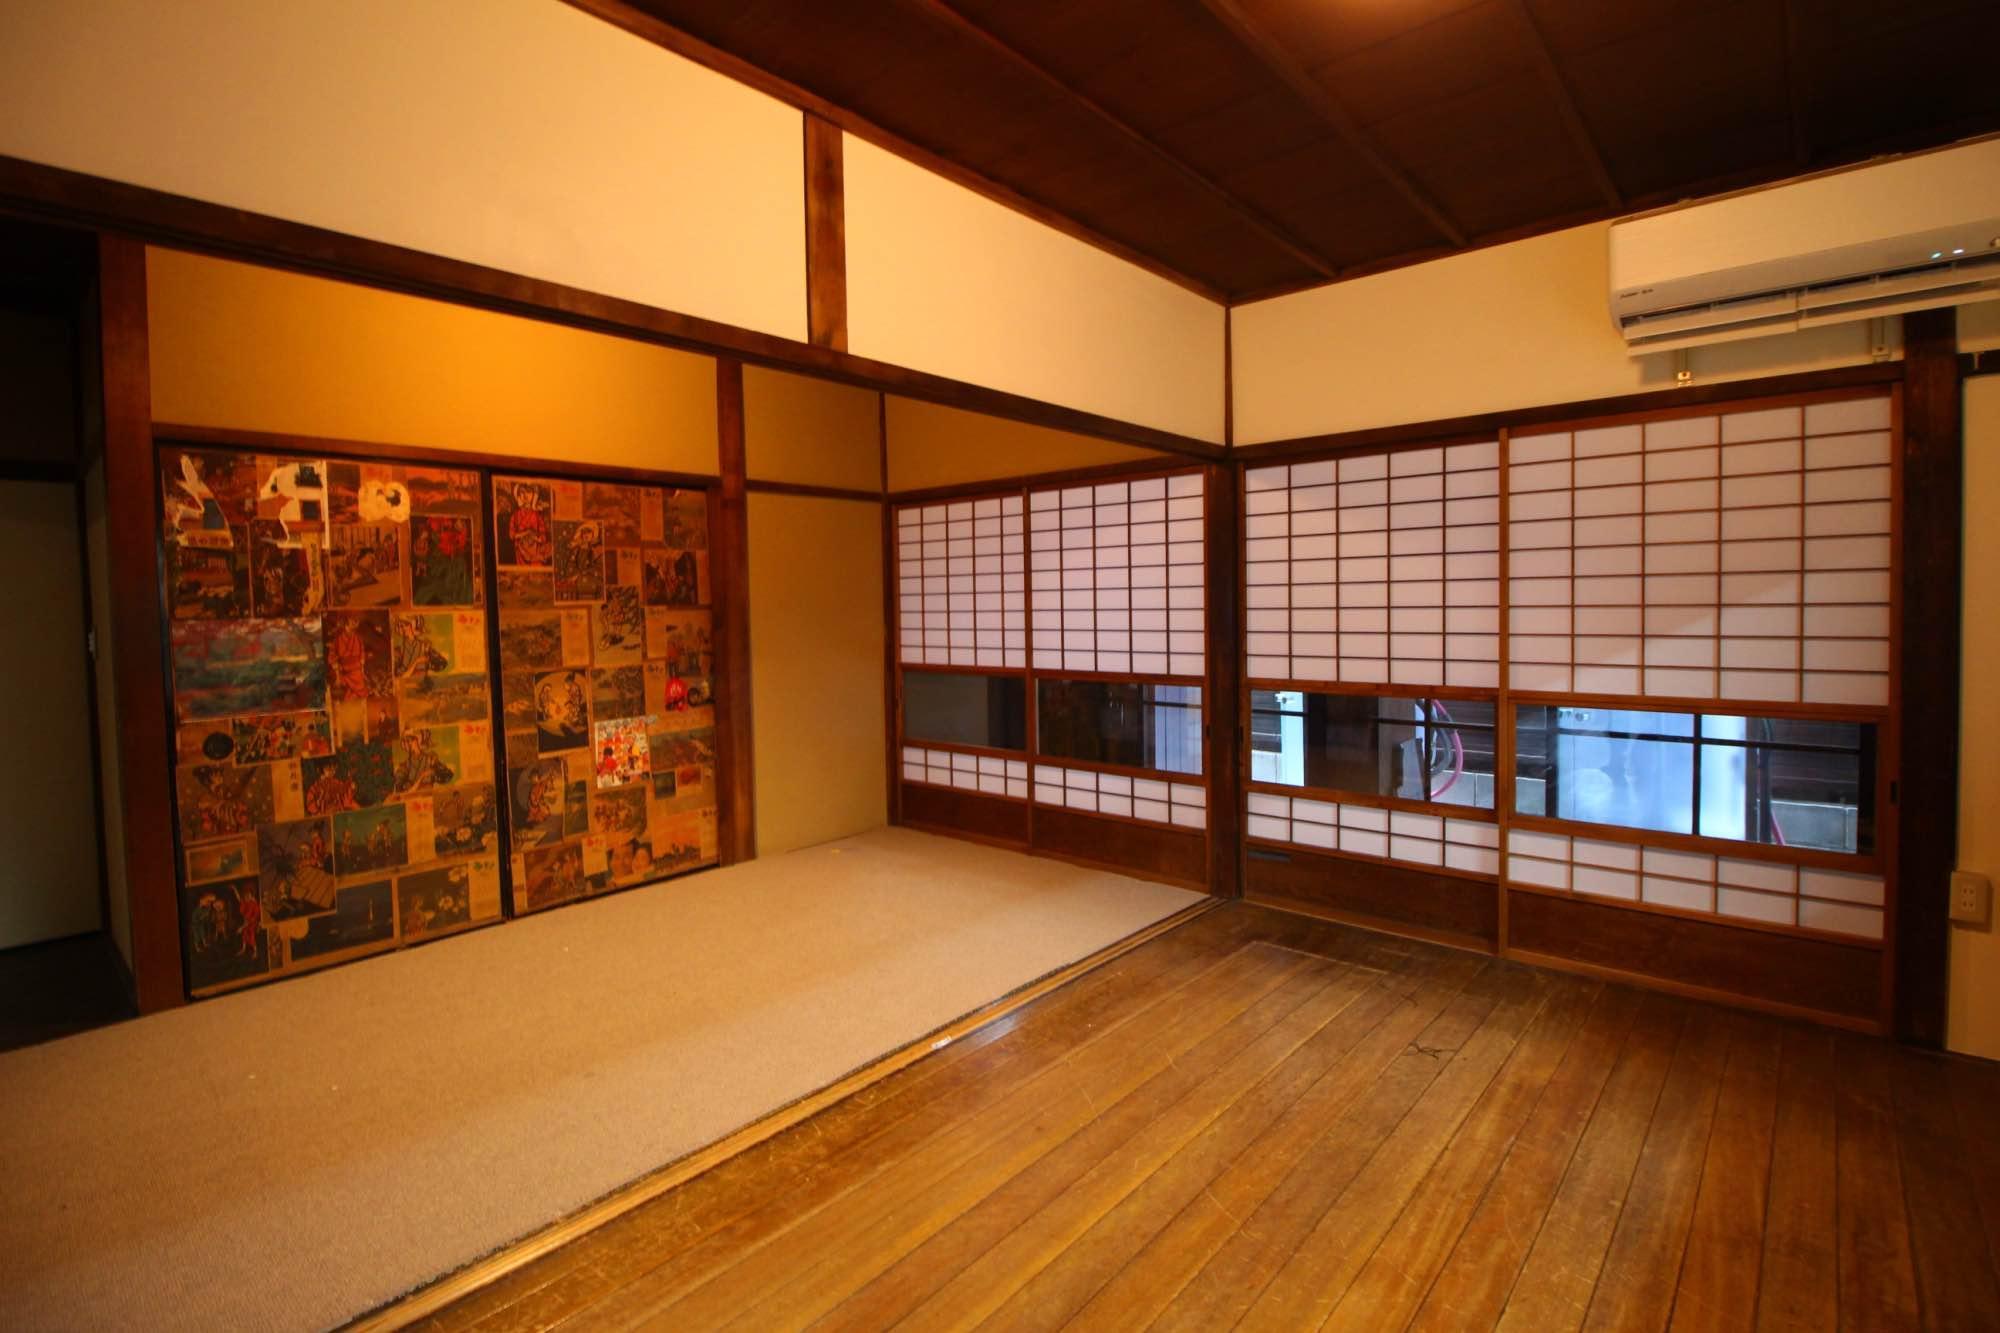 こちらが食堂スペース。奥の襖紙は前の家主のものだとか。